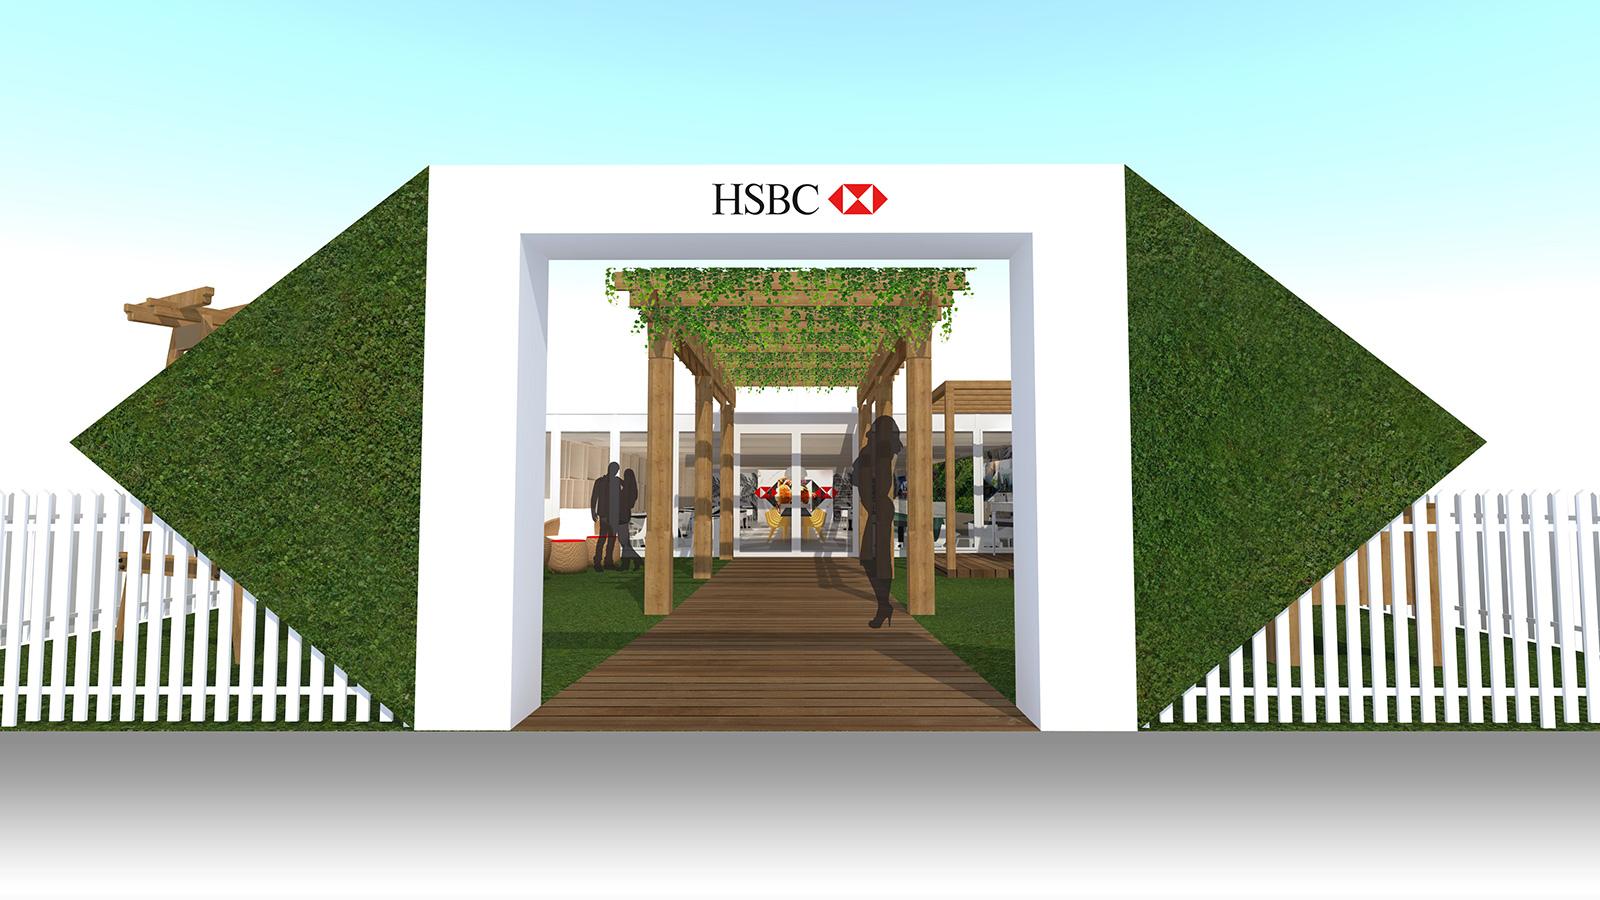 HSBC_Entrance